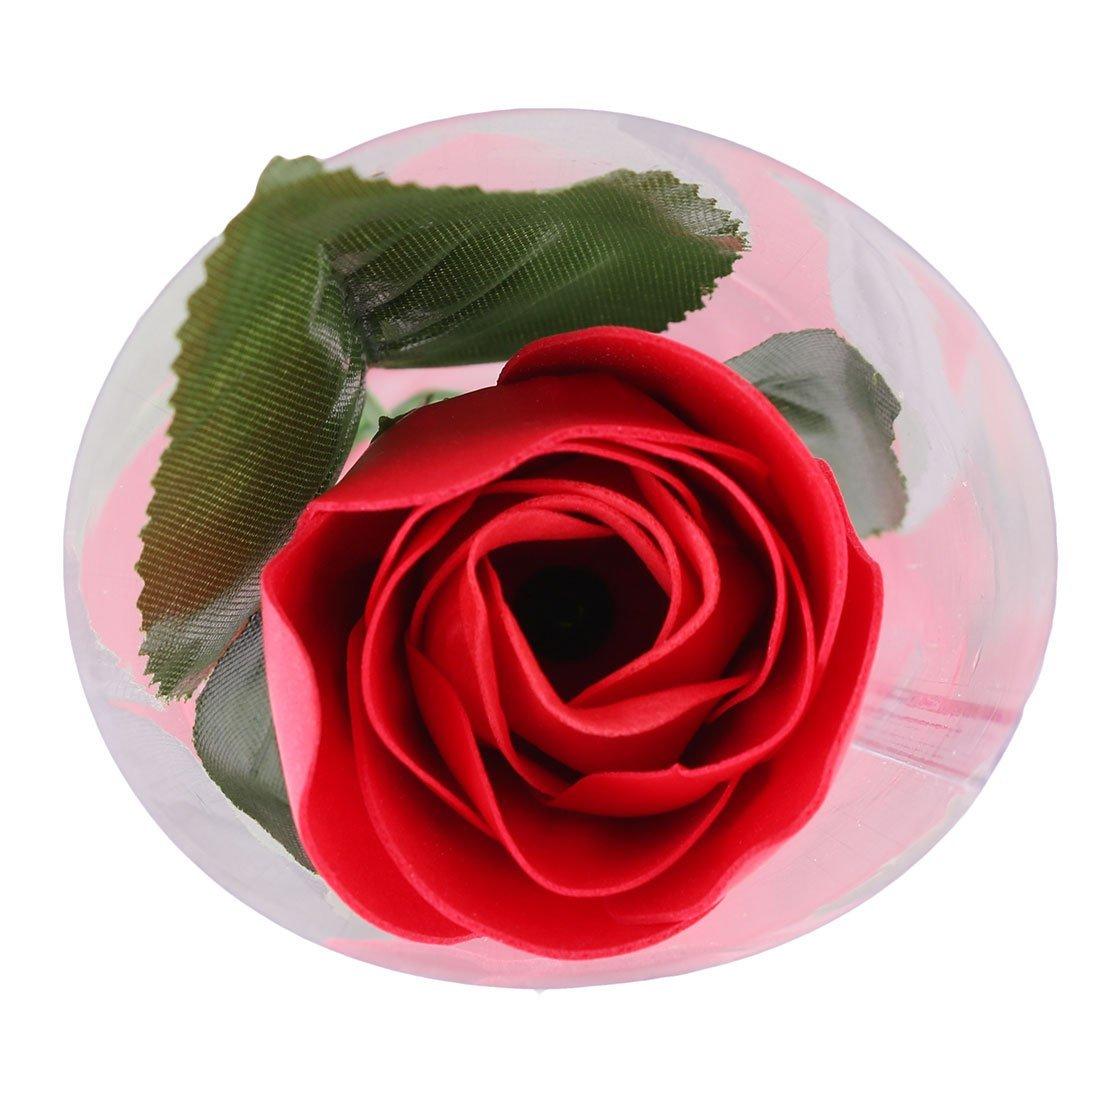 Amazon.com: eDealMax Regalo del Aniversario artificiales de Rose Diseño Baño de jabón pétalo ramo de la Flor roja 2pcs: Home & Kitchen